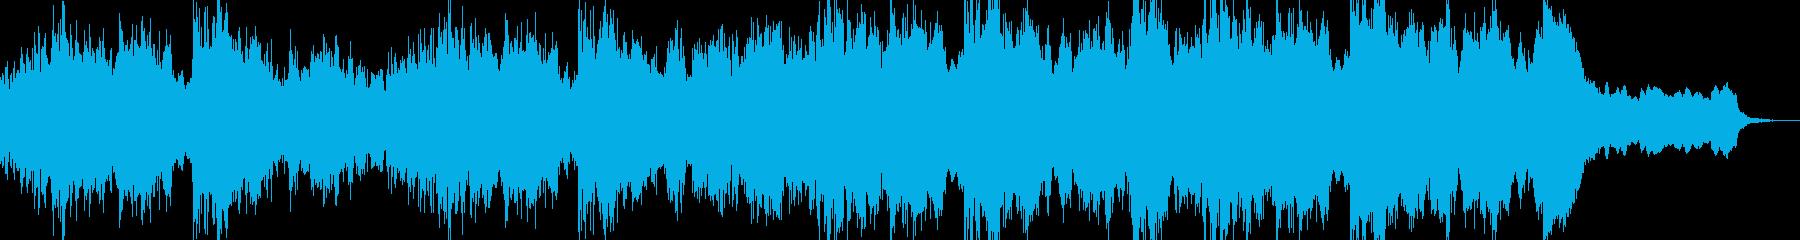 ハリウッド映画のワンシーンのようなBGMの再生済みの波形